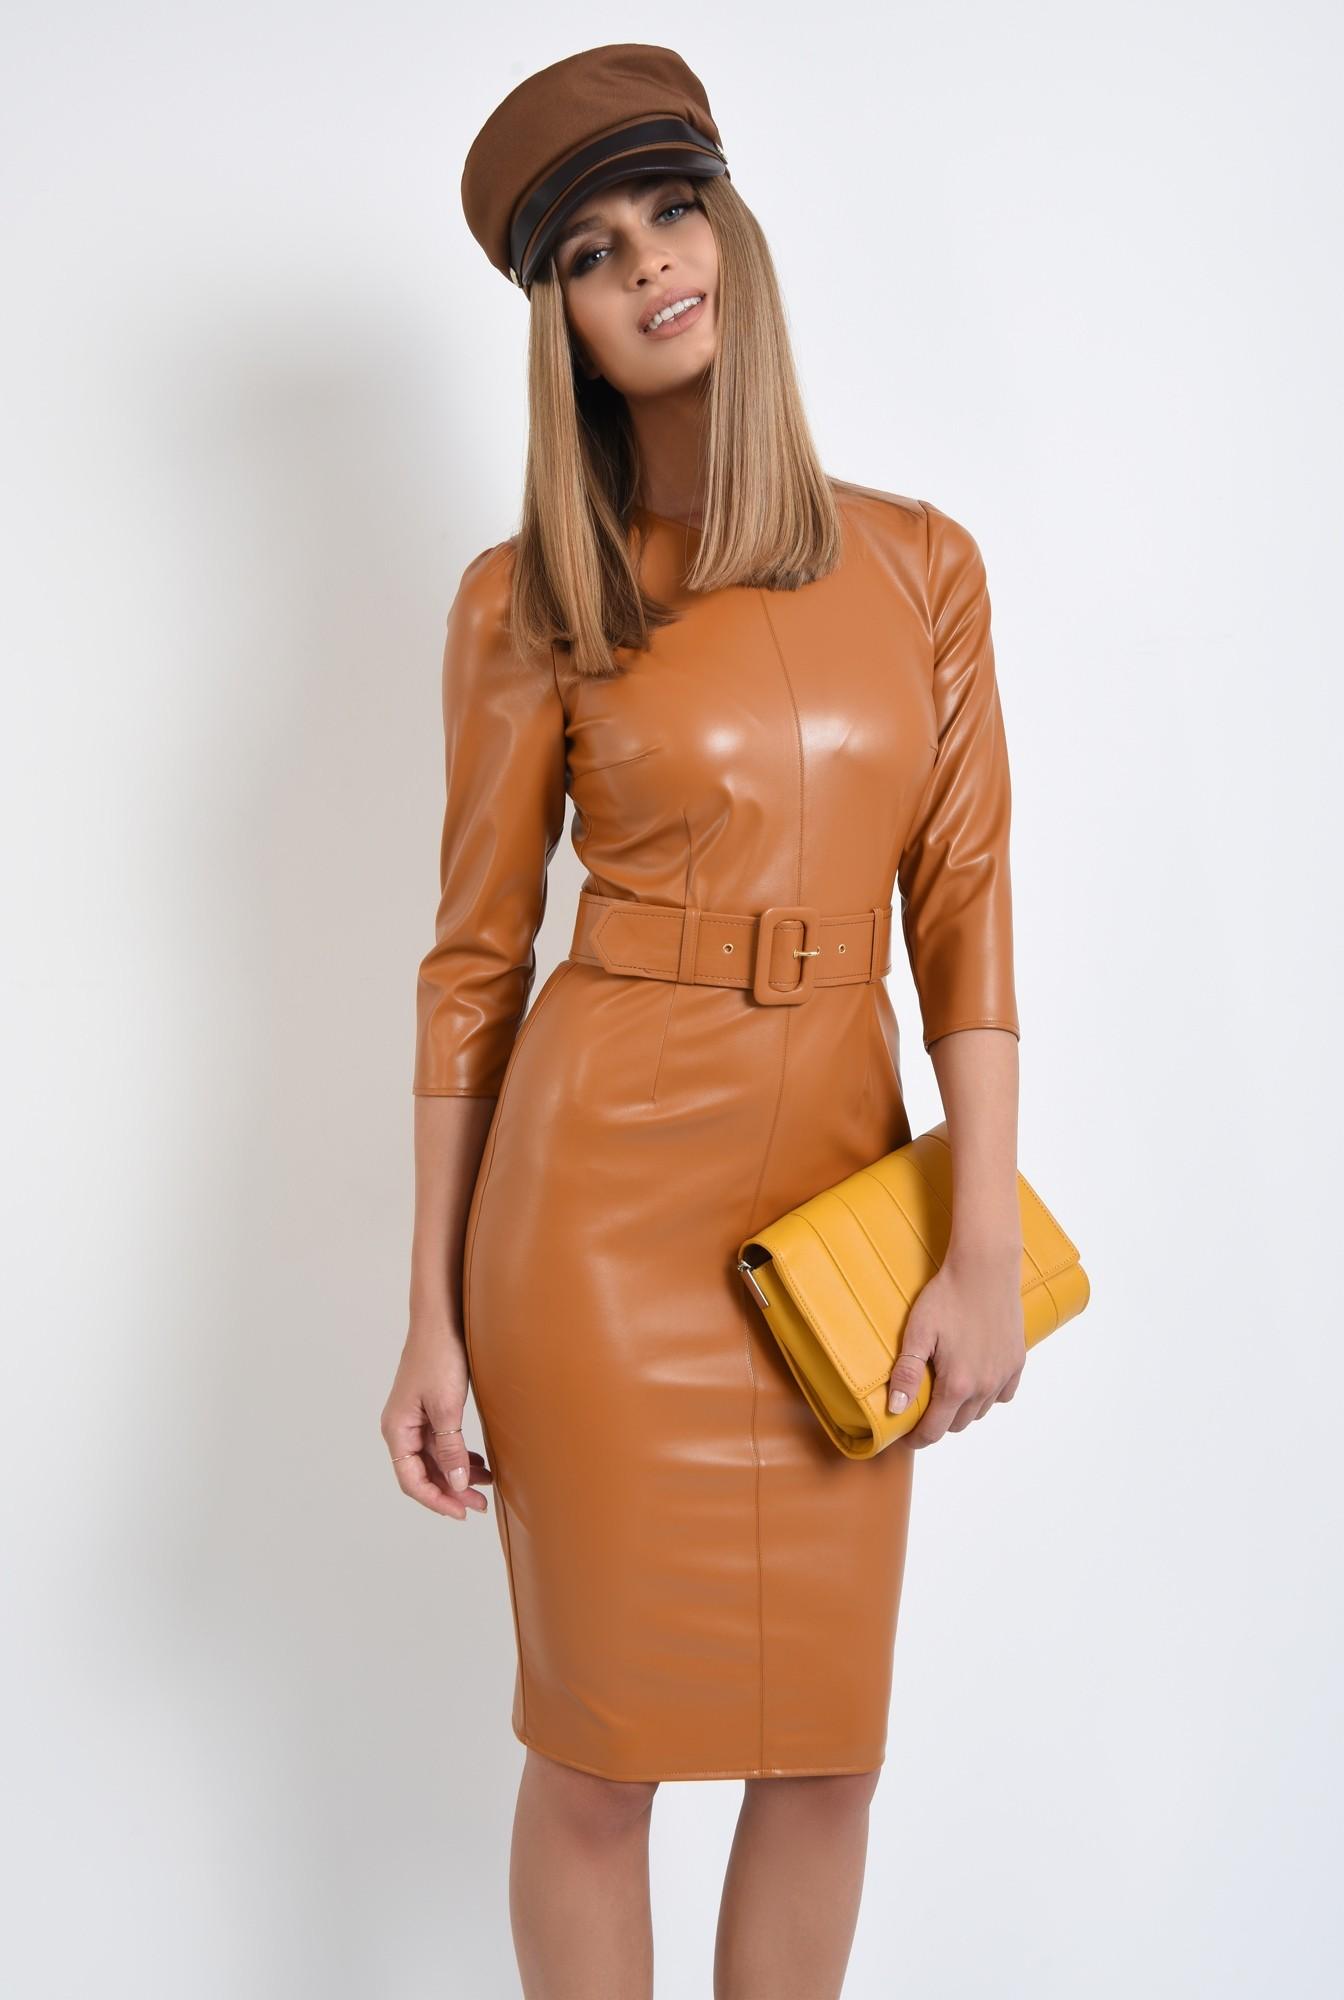 2 - rochie casual, conica, cu centura, camel, PU, piele eco